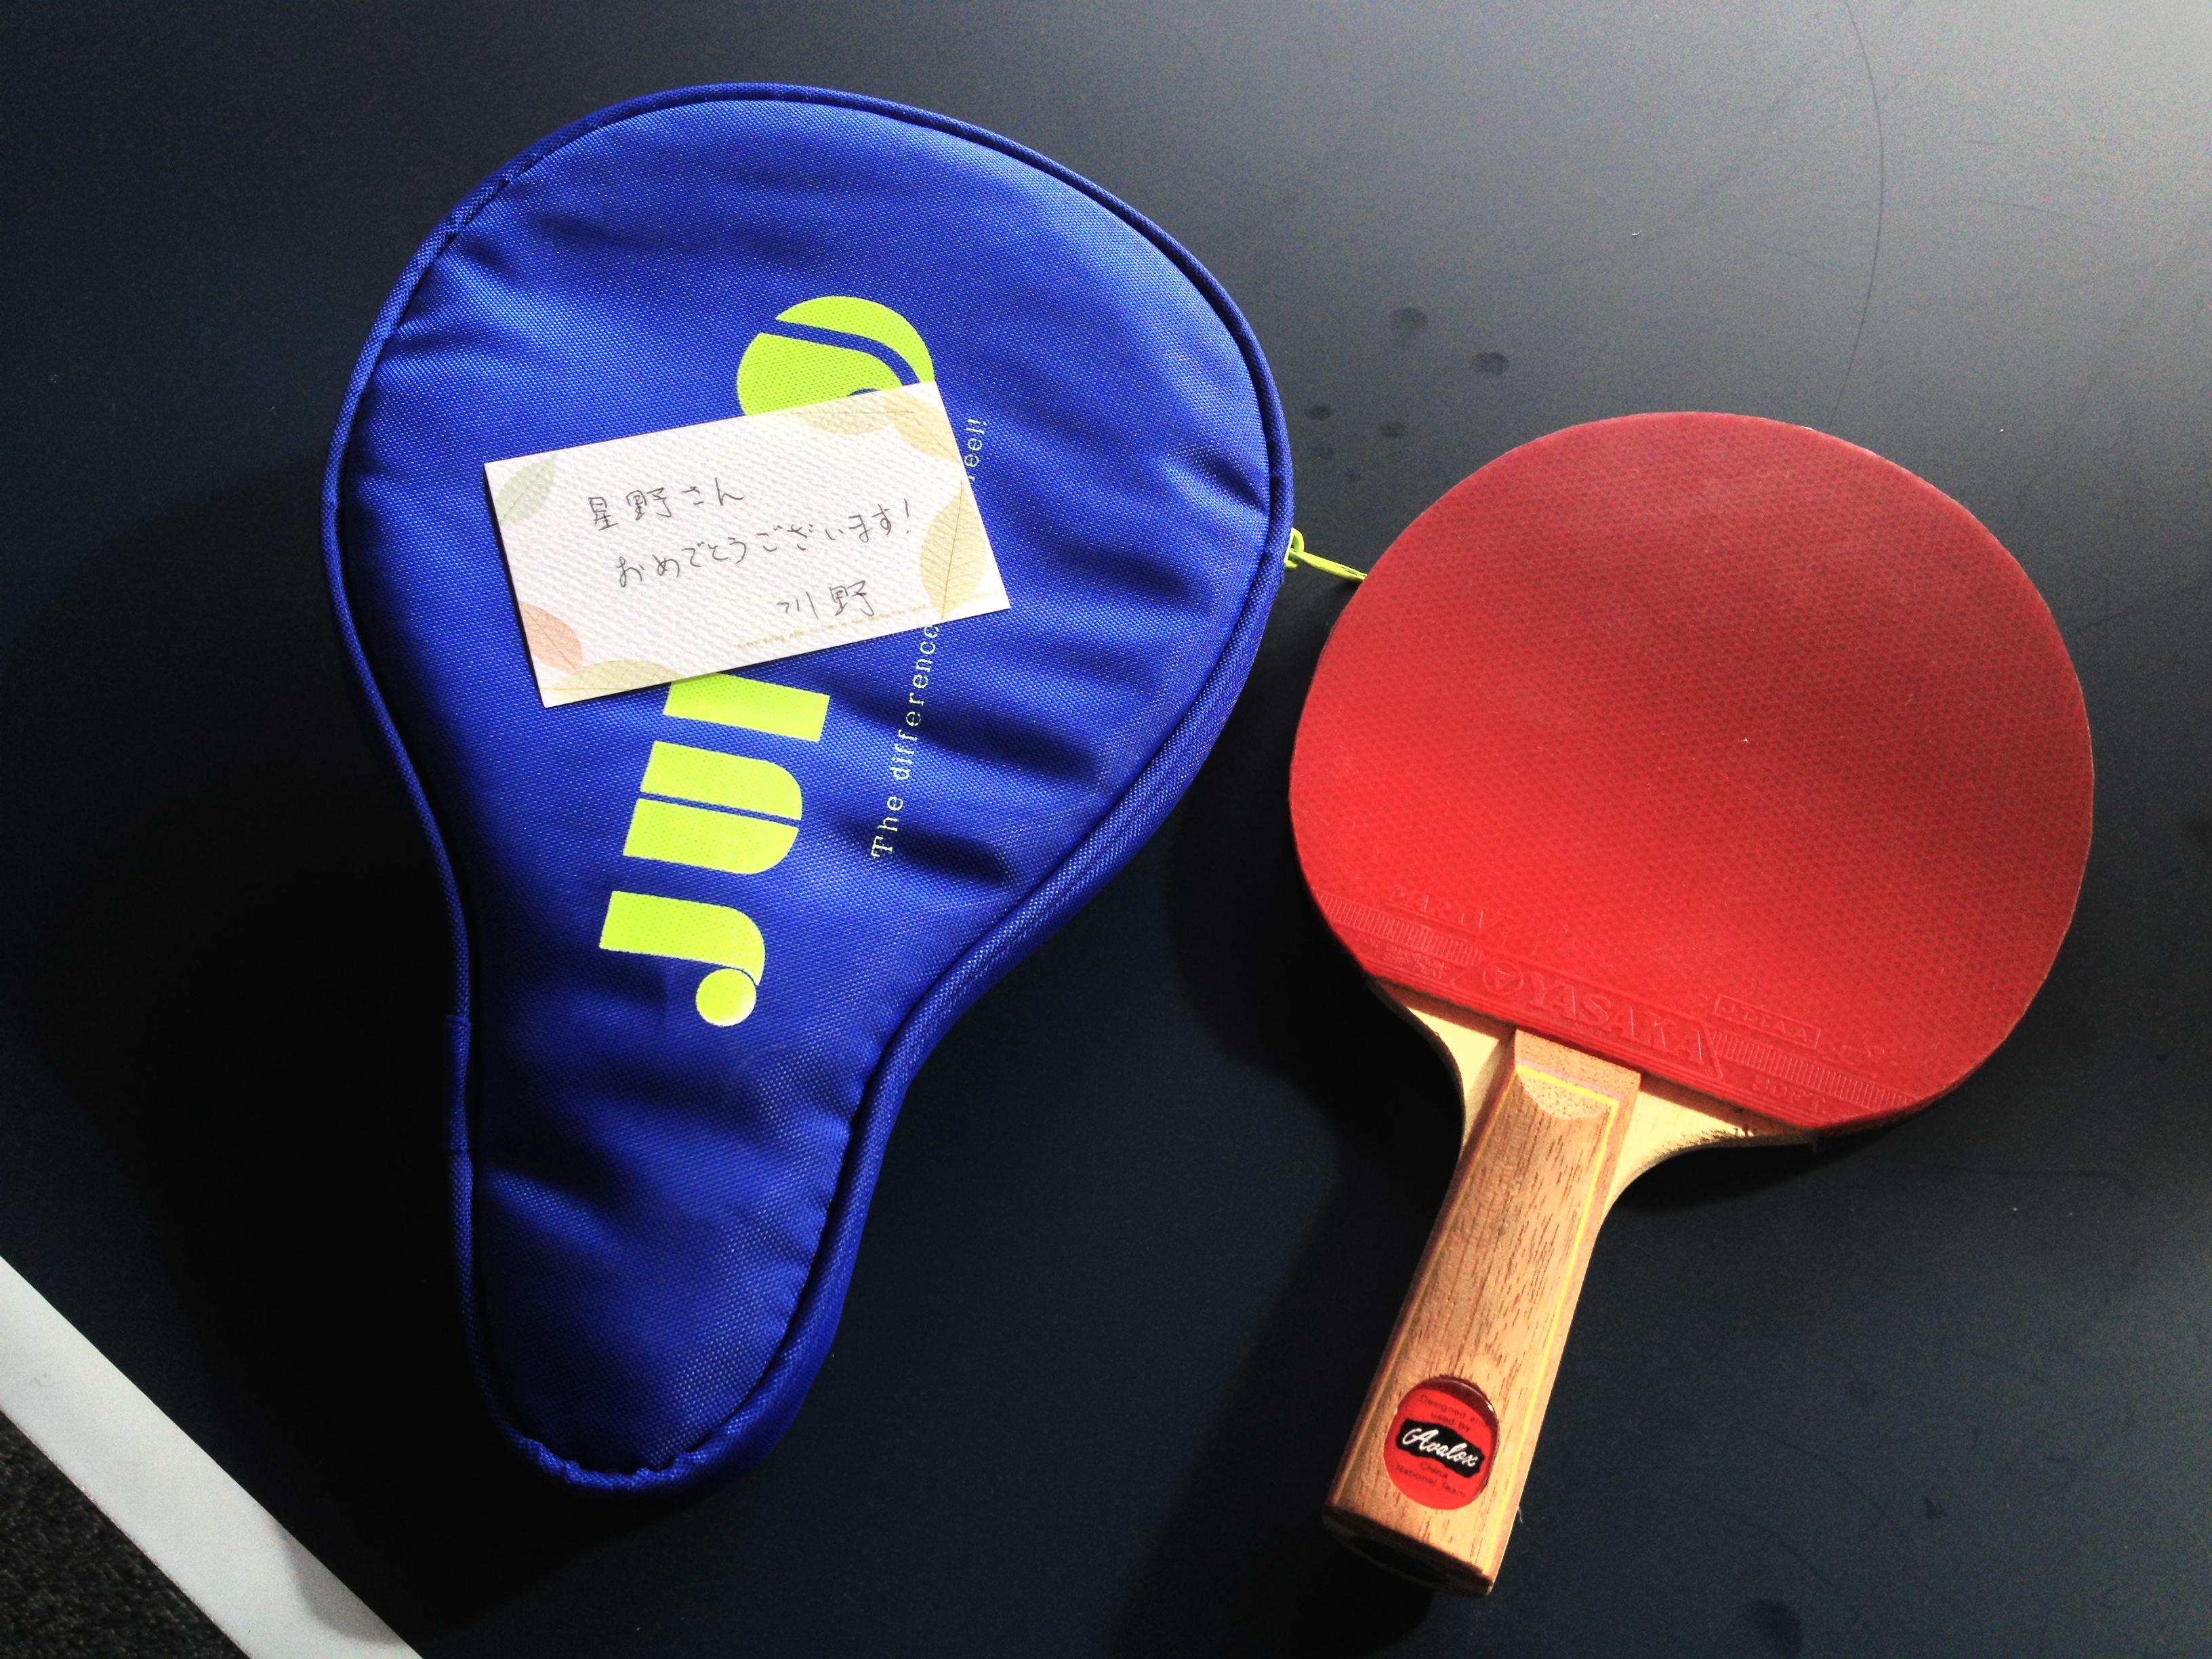 川野さんから卓球ラケットをいただきました。ありがとうございます!